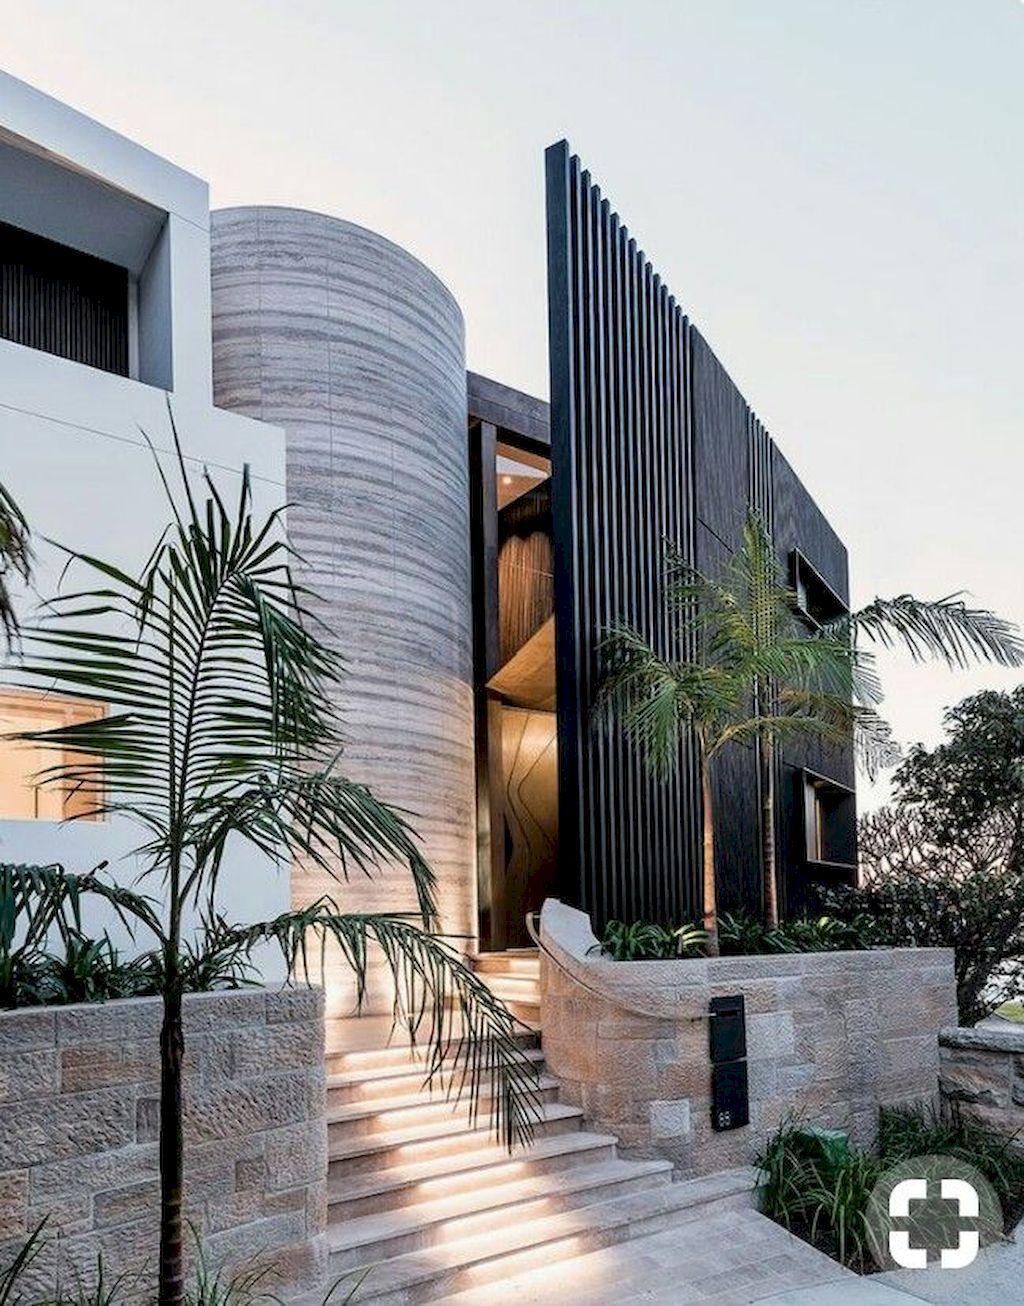 Dreamiest Scandinavian House Design Exterior Ideas  Https://carrebianhome.com/dreamiest